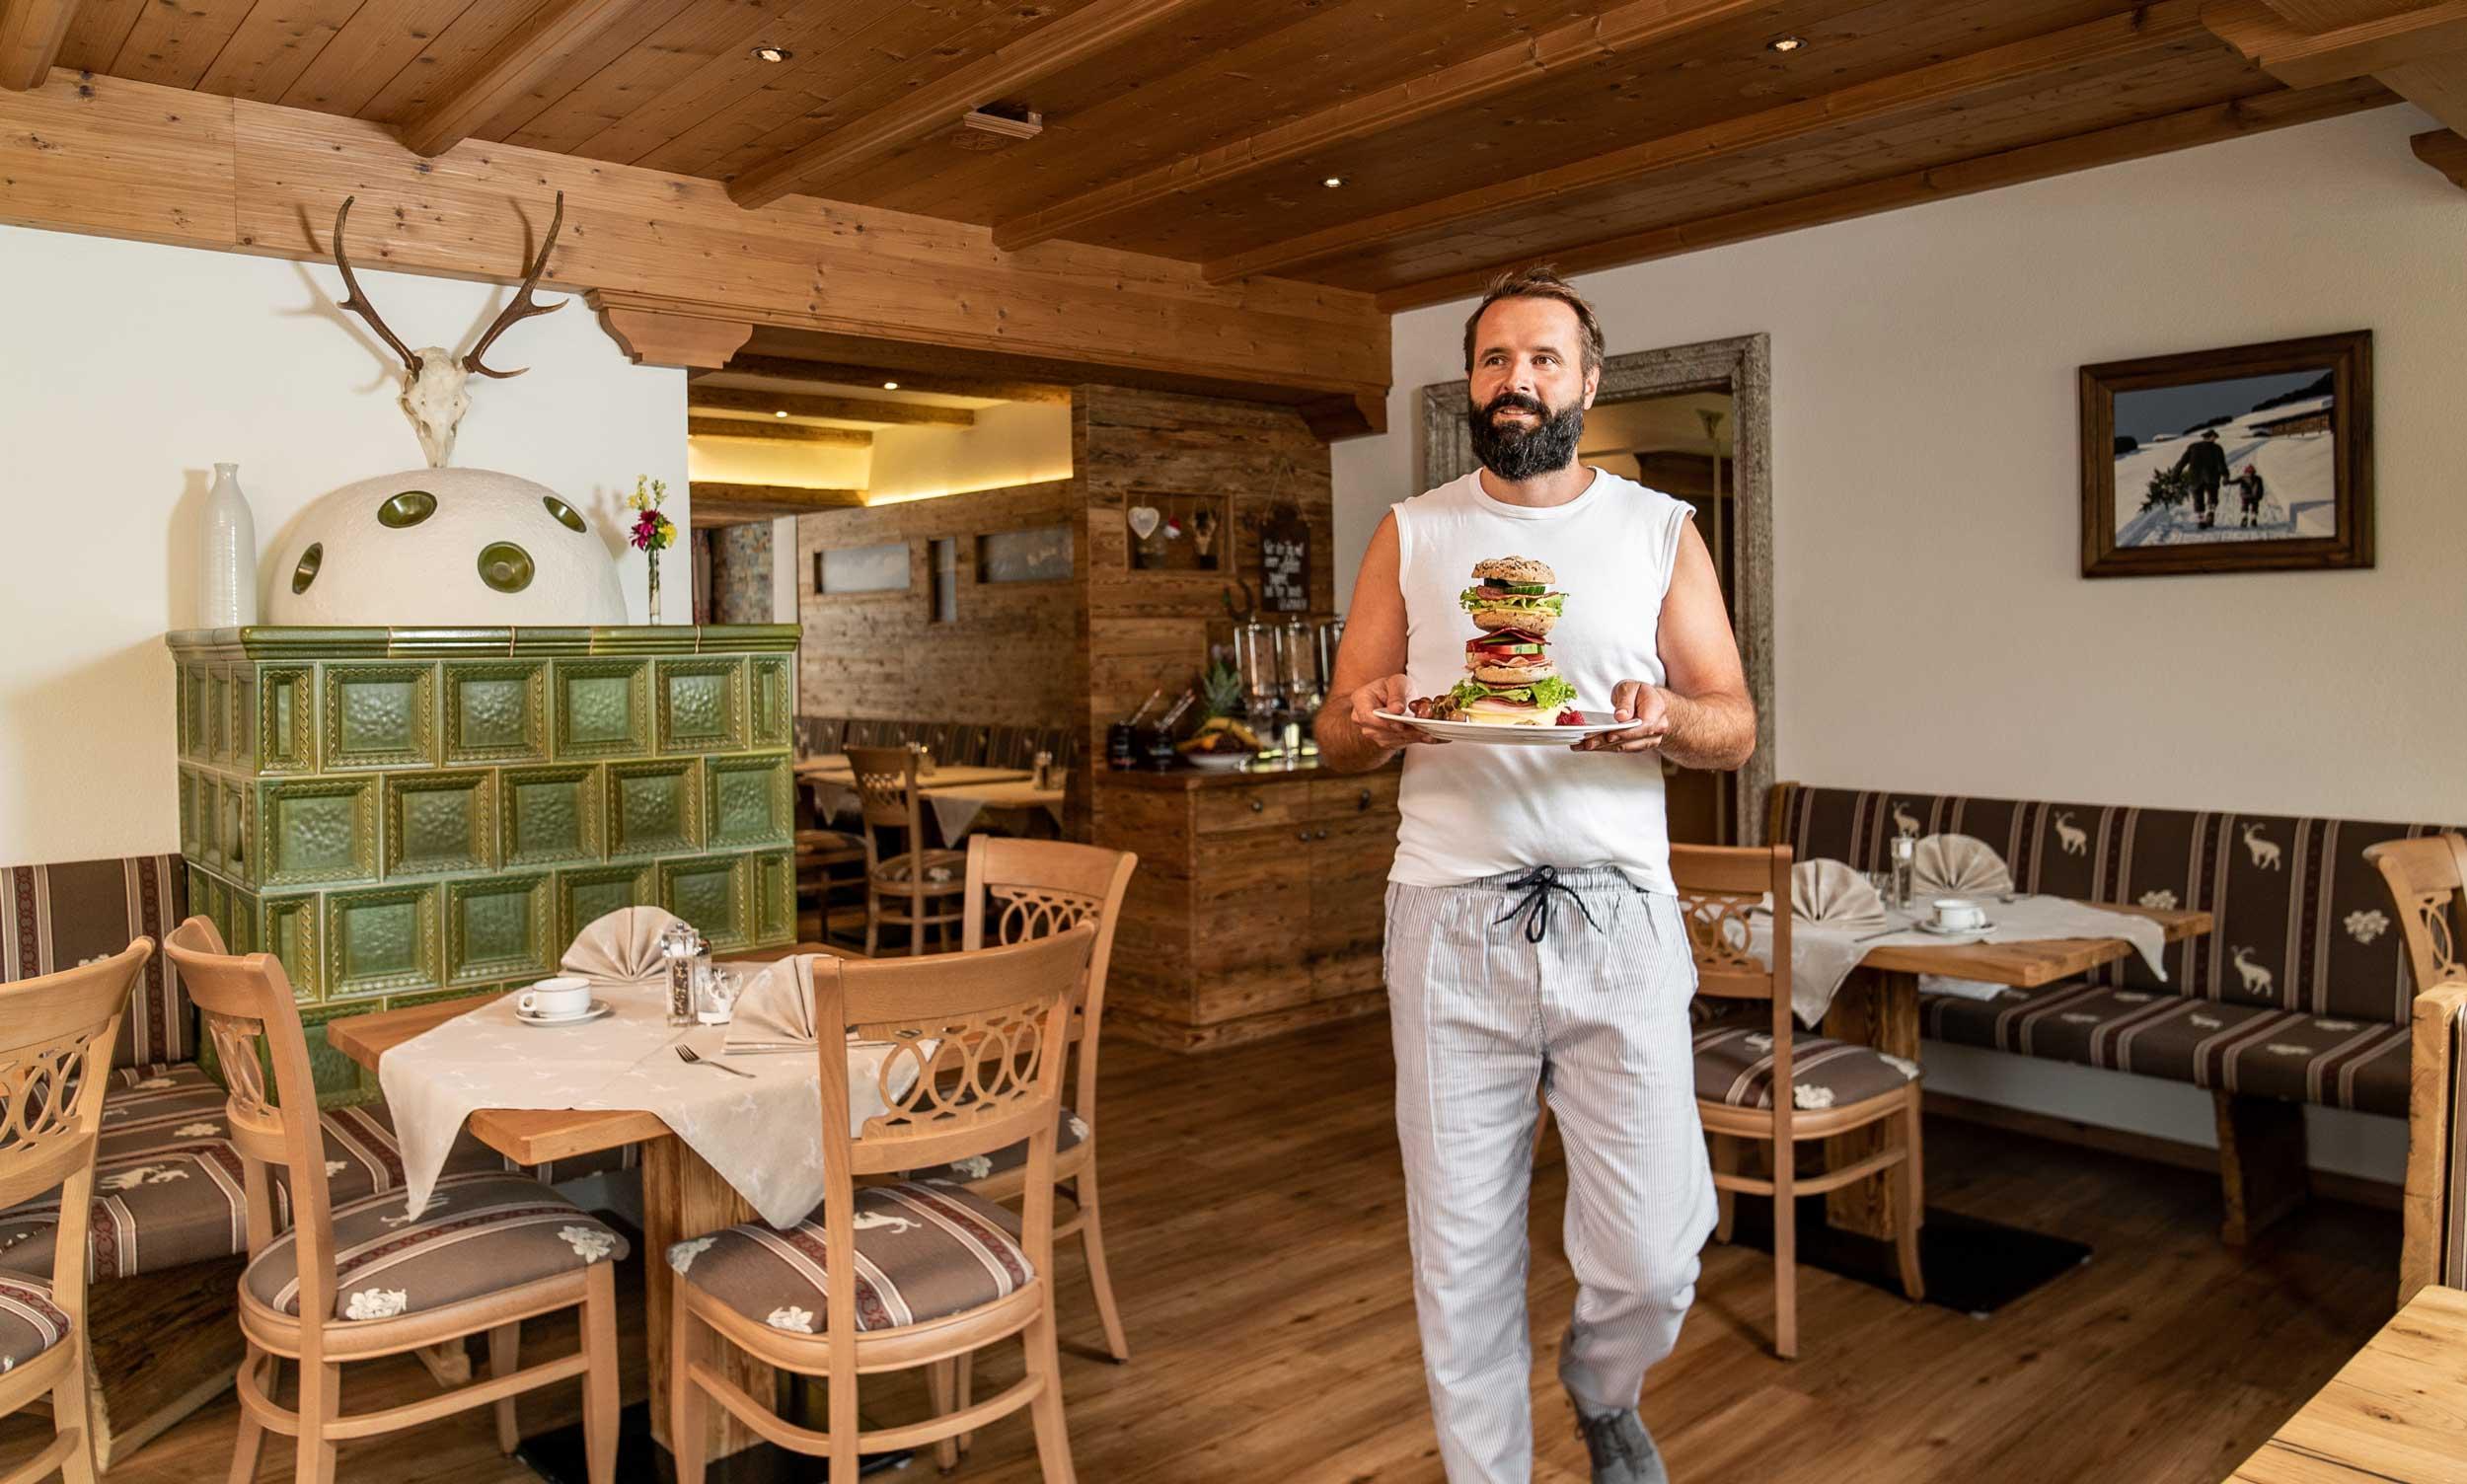 Gast schreitet mit einem riesigen Frühstücks-Burger zu seinem Tisch.